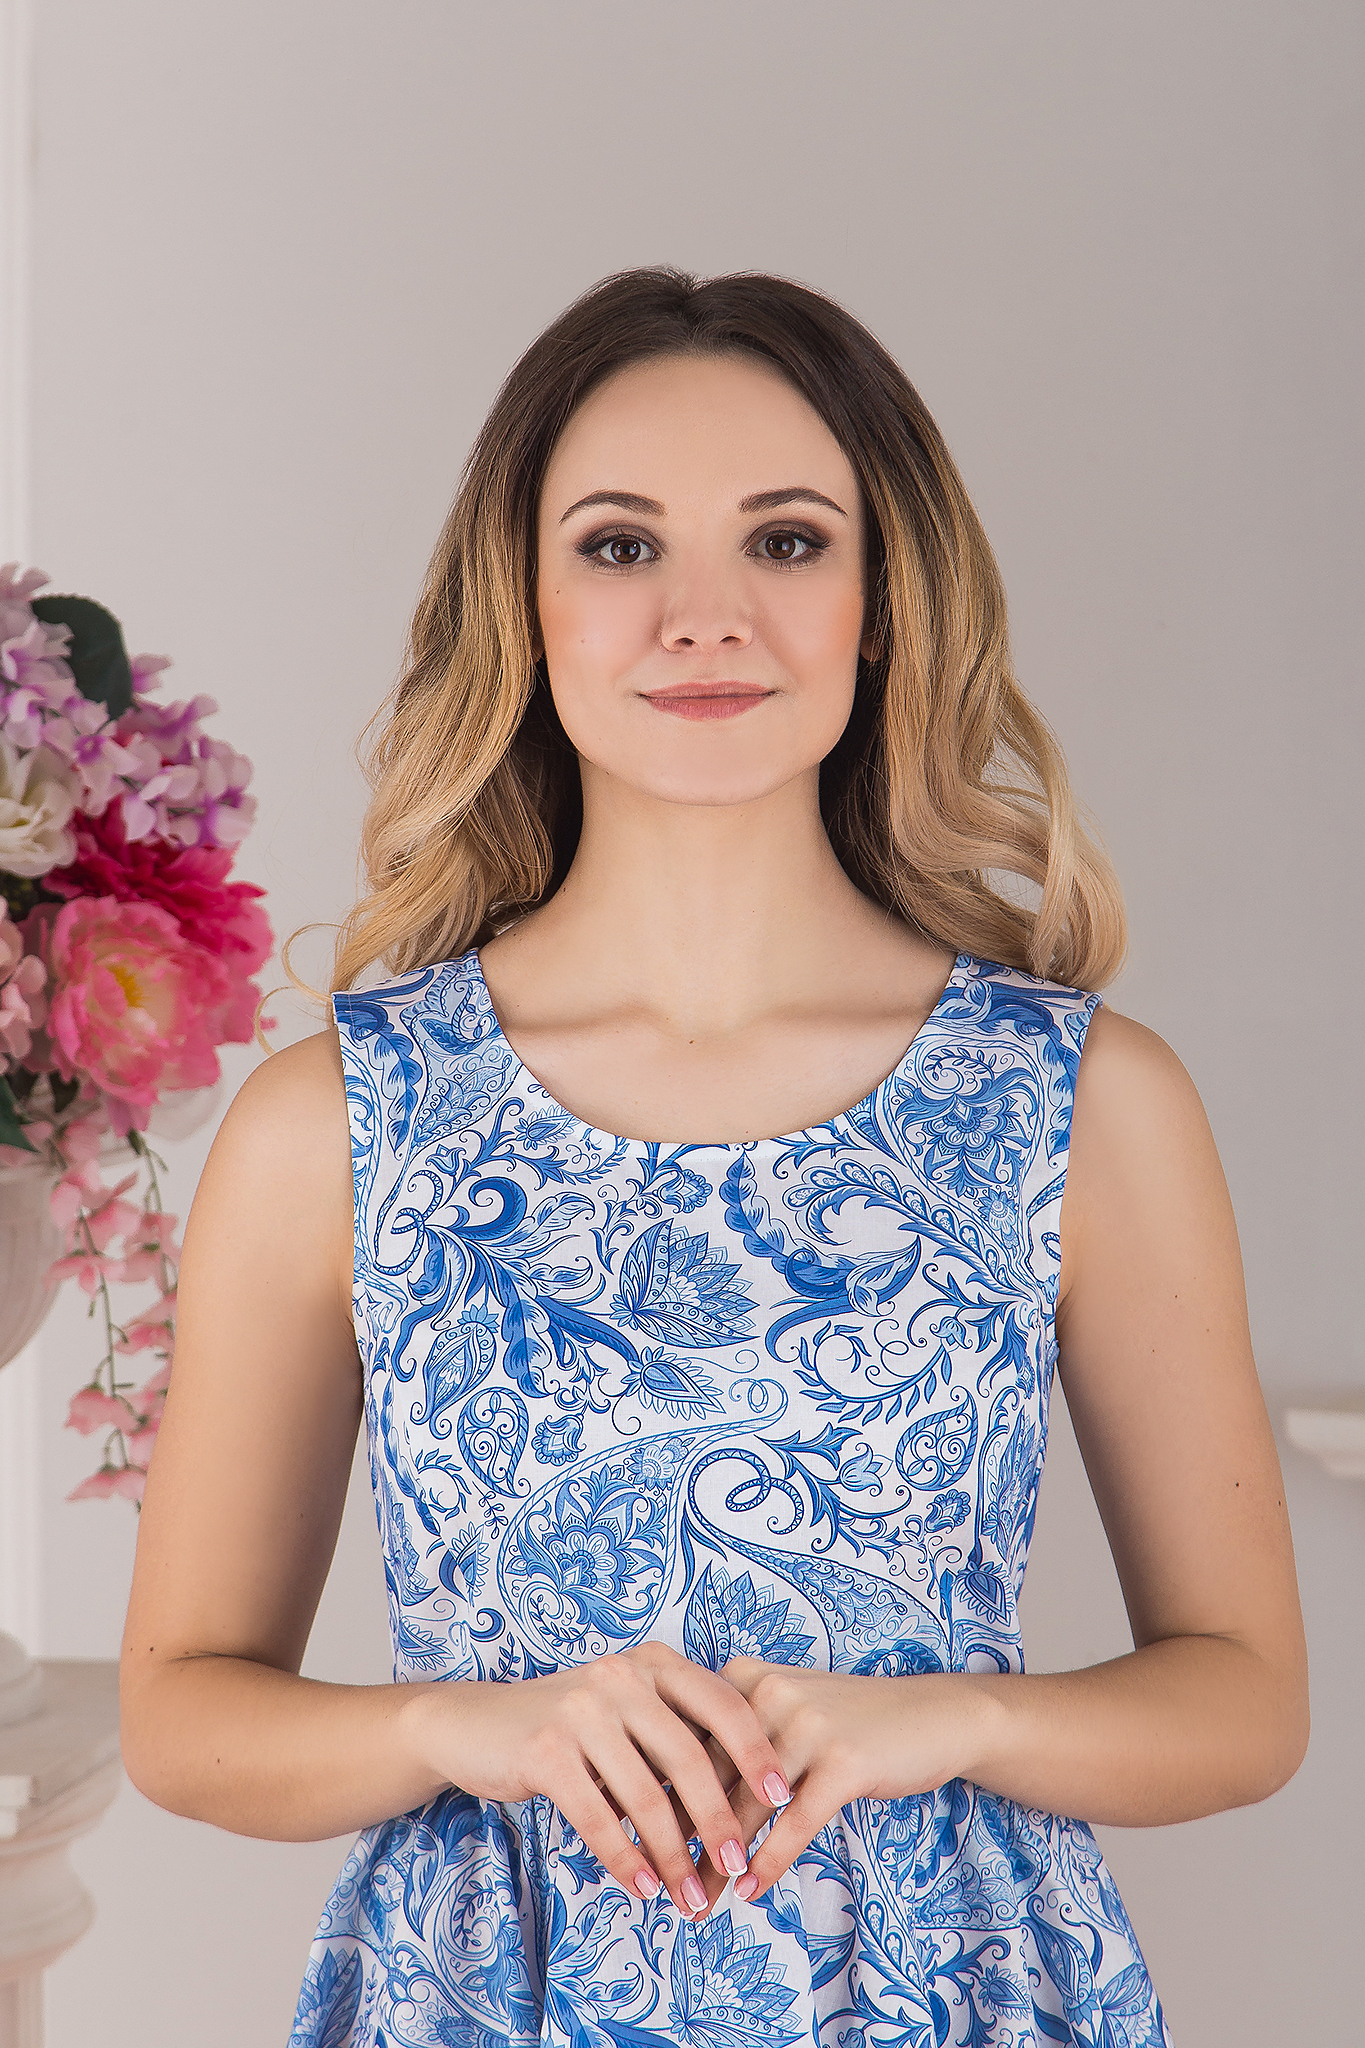 Платье современное хлопковое Колокольчик Гжель от Иванка приближенный фрагмент